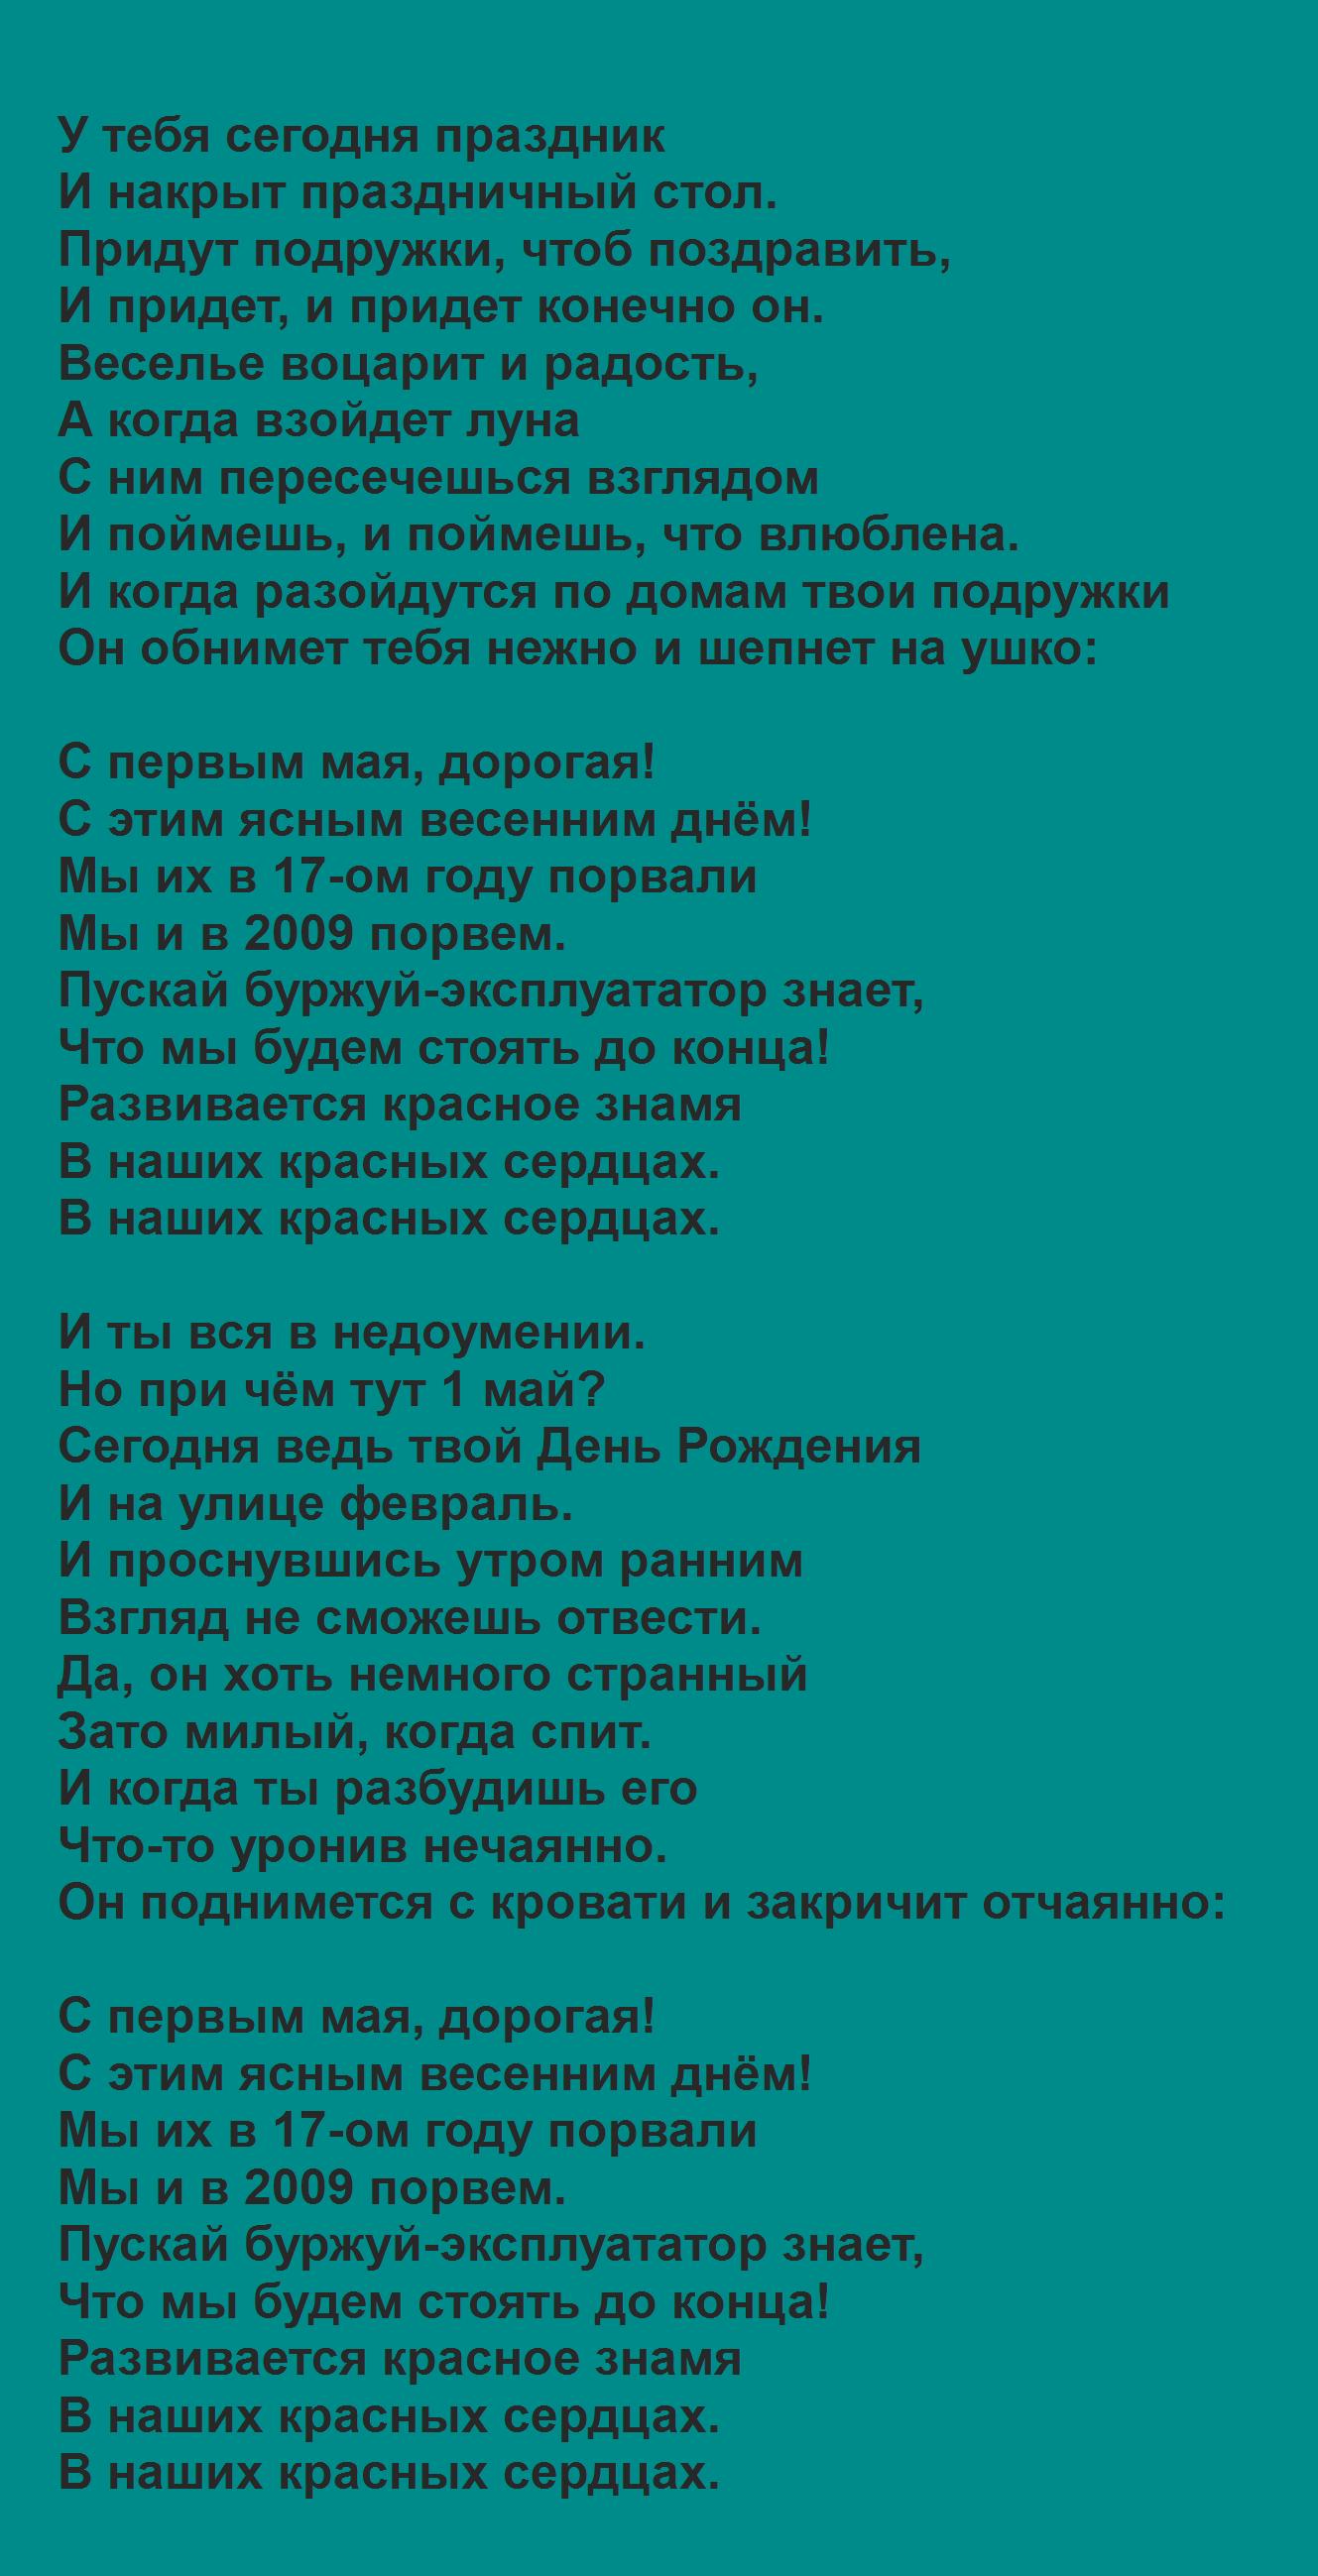 Песни 1 мая праздник Весны и Труда